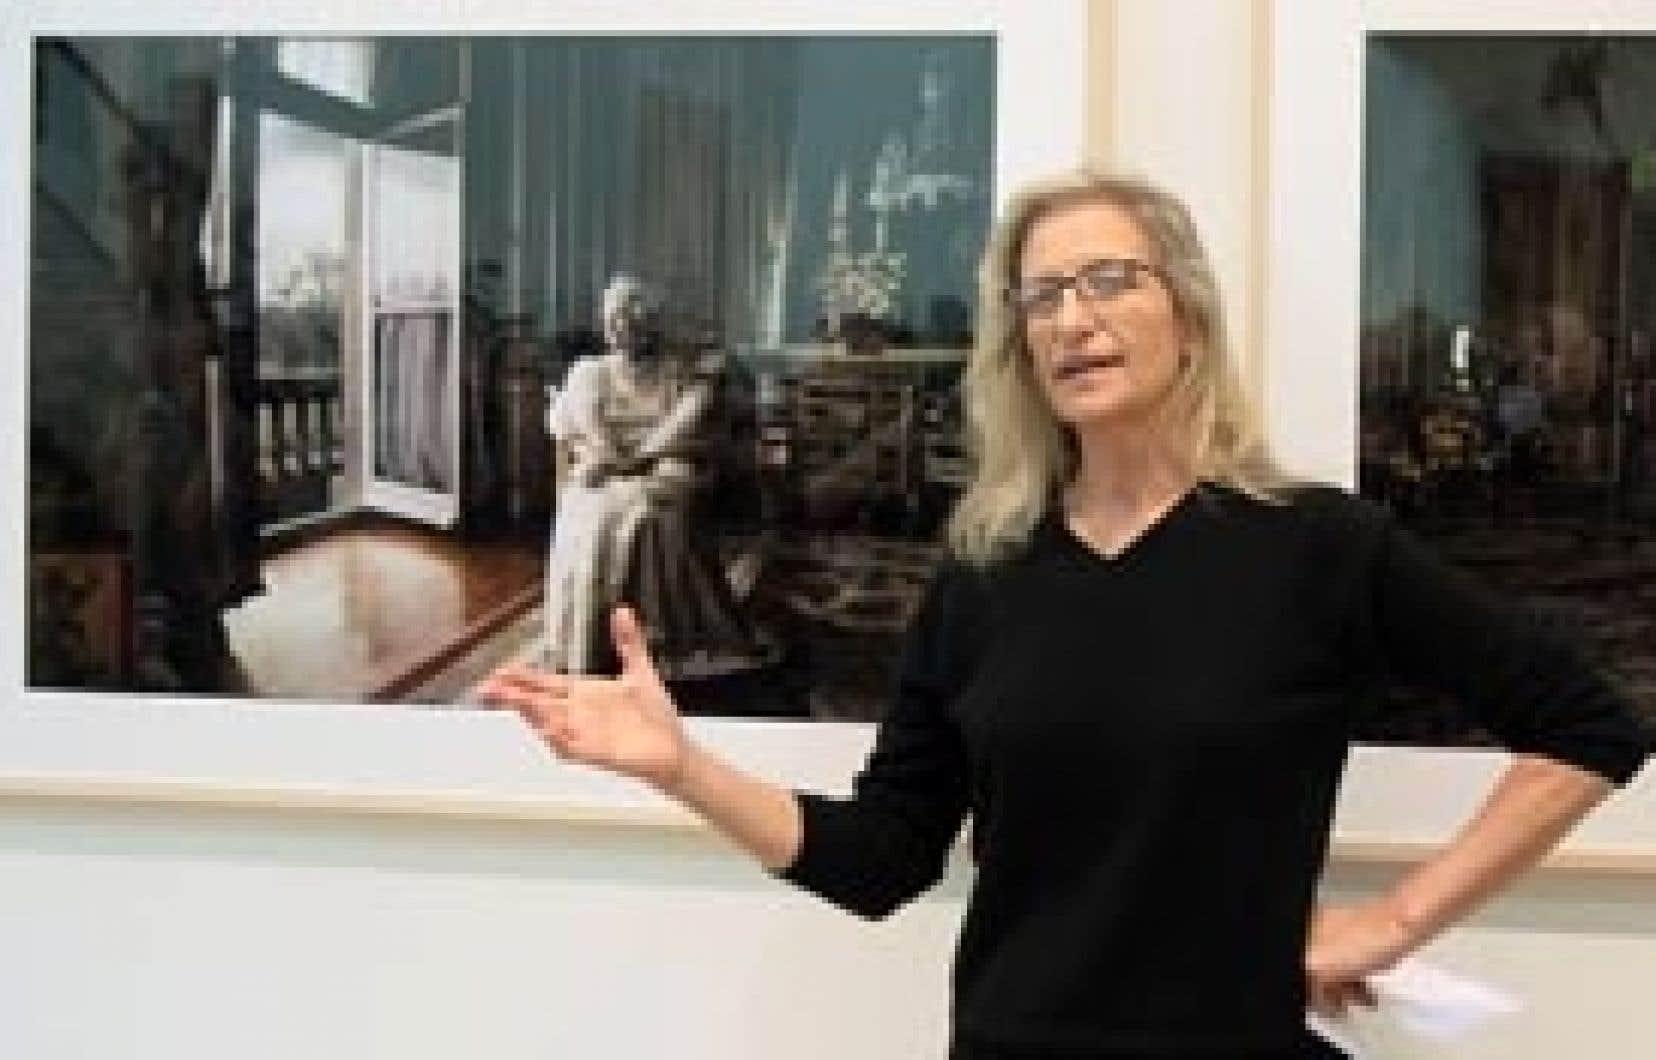 Le New York Times révélait récemment que la photographe Annie Leibovitz, qu'on voit ici lors du vernissage d'une exposition de ses oeuvres, aurait emprunté à Art Capital Group 15 millions $US en gageant ses photos passées, présentes et à veni